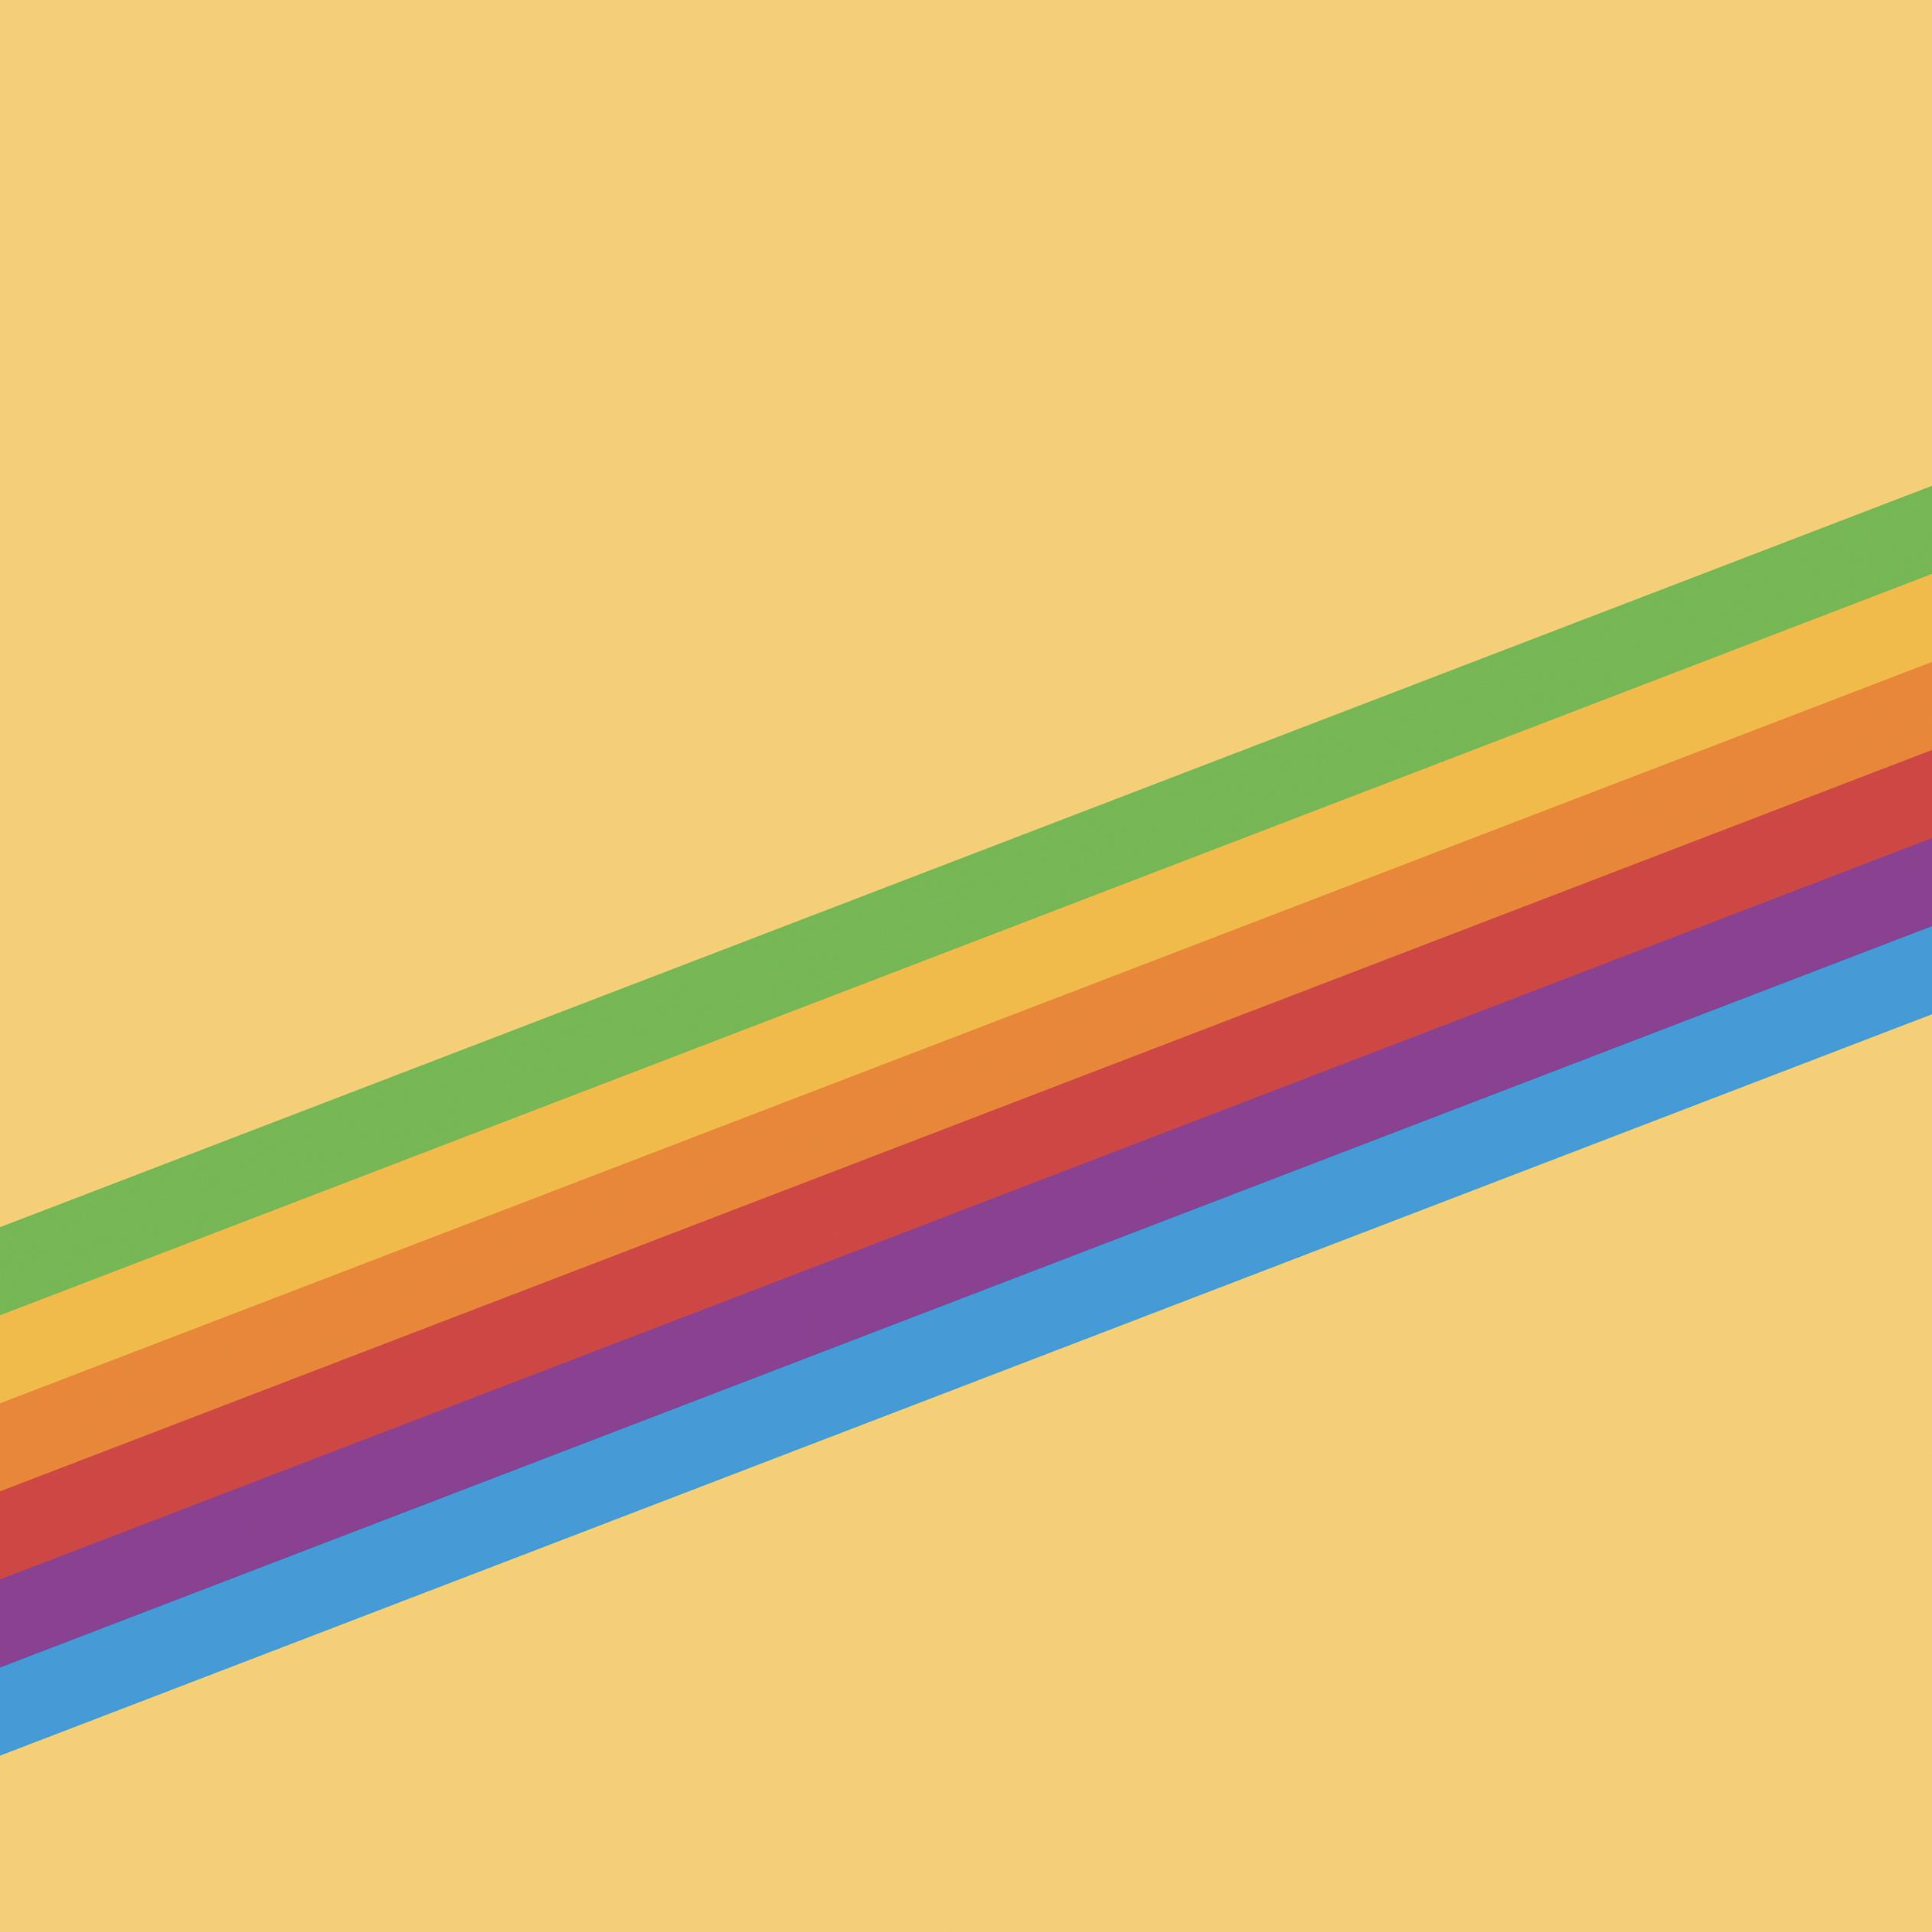 Heritage Stripe Yellow iOS 11 GM iPad wallpapers - Trọn bộ hình nền mới của iOS 11